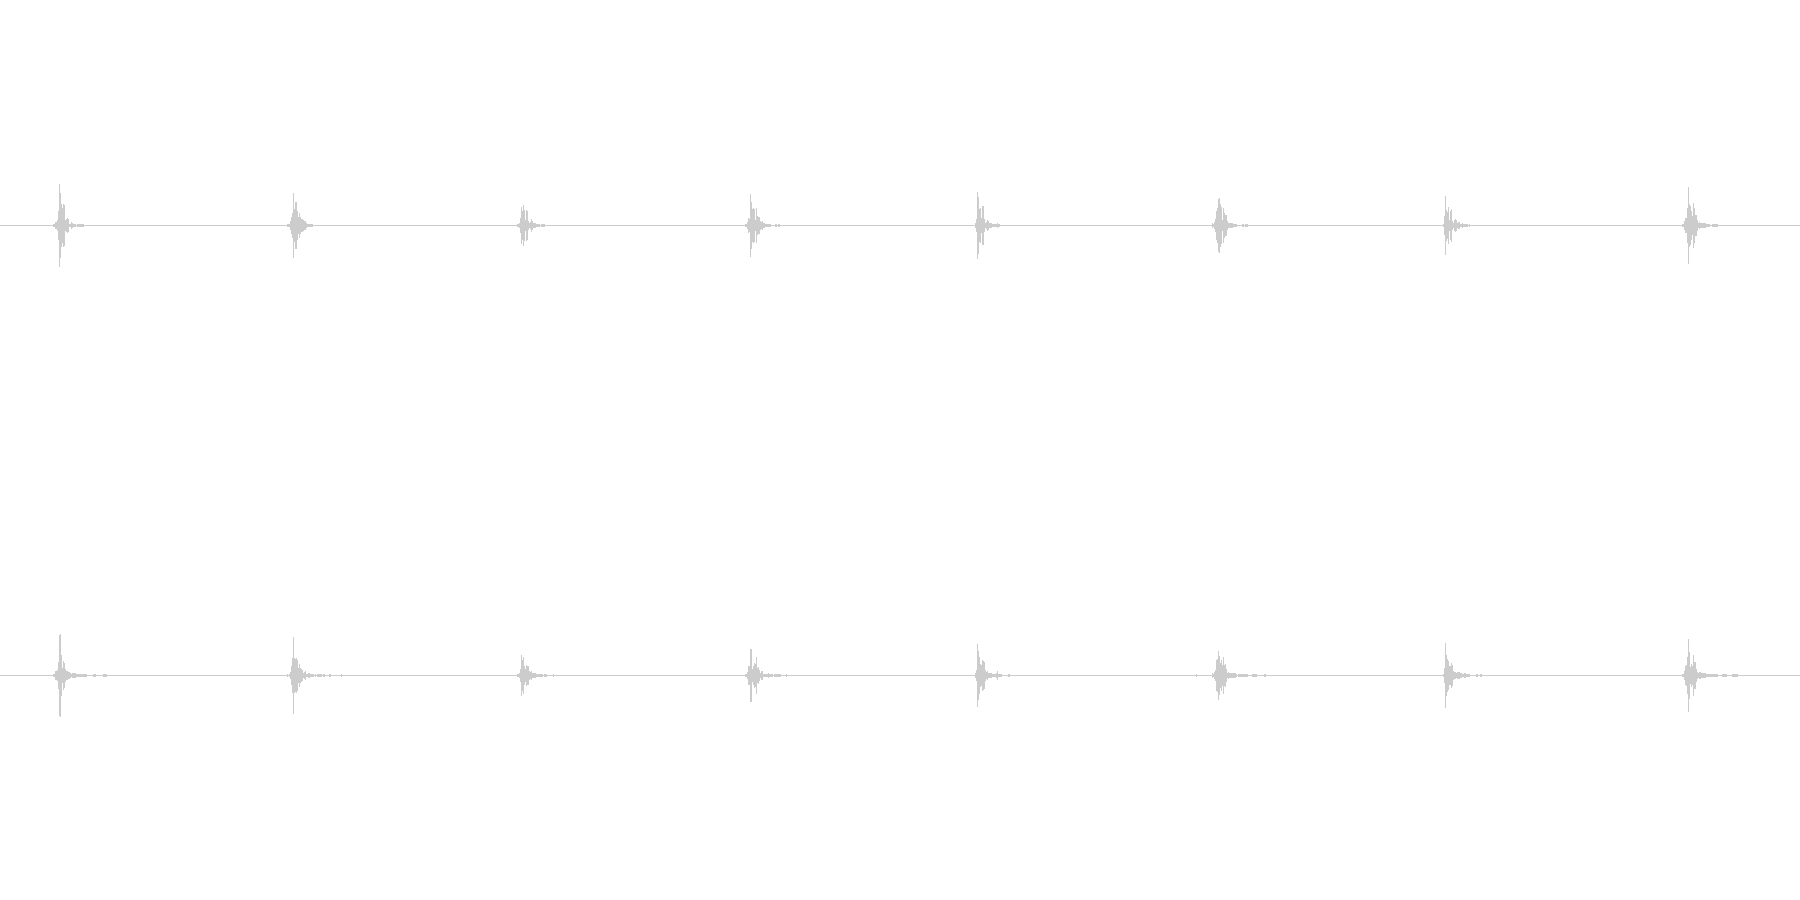 モンスター 足音トドル01の未再生の波形